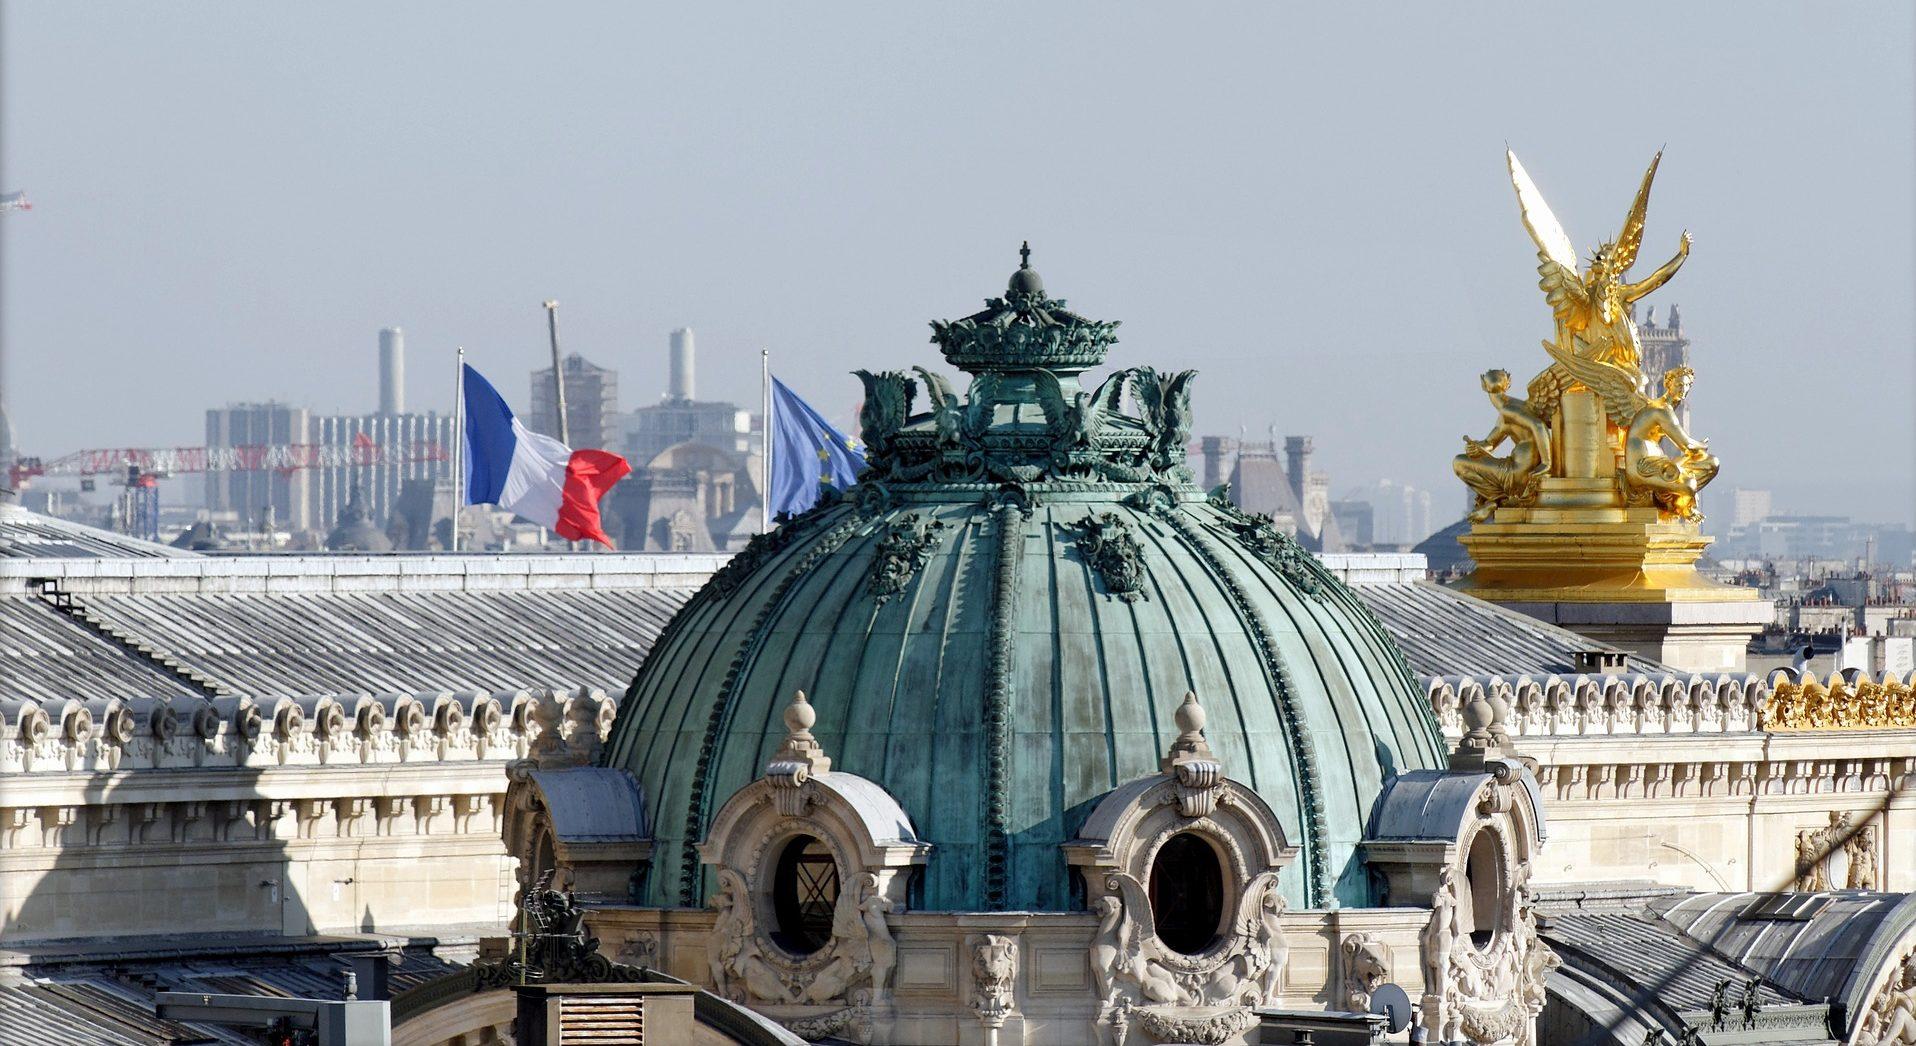 Roof of the Palais Garnier